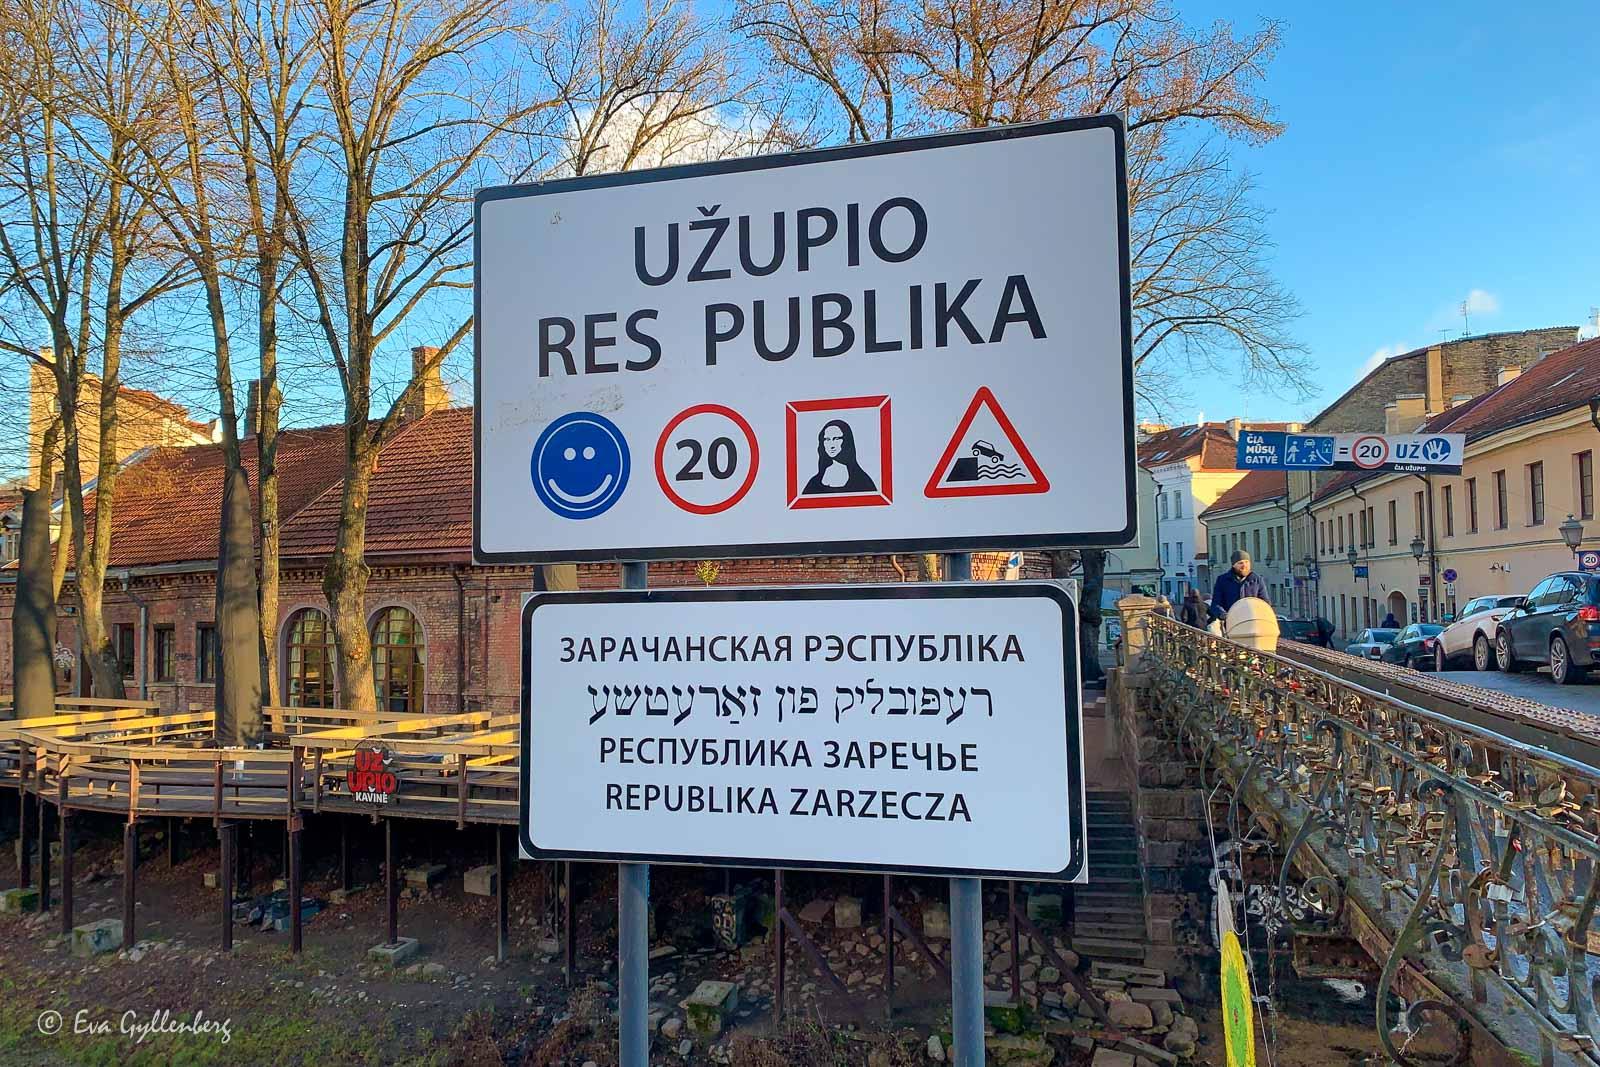 Uzupio - Vilnius